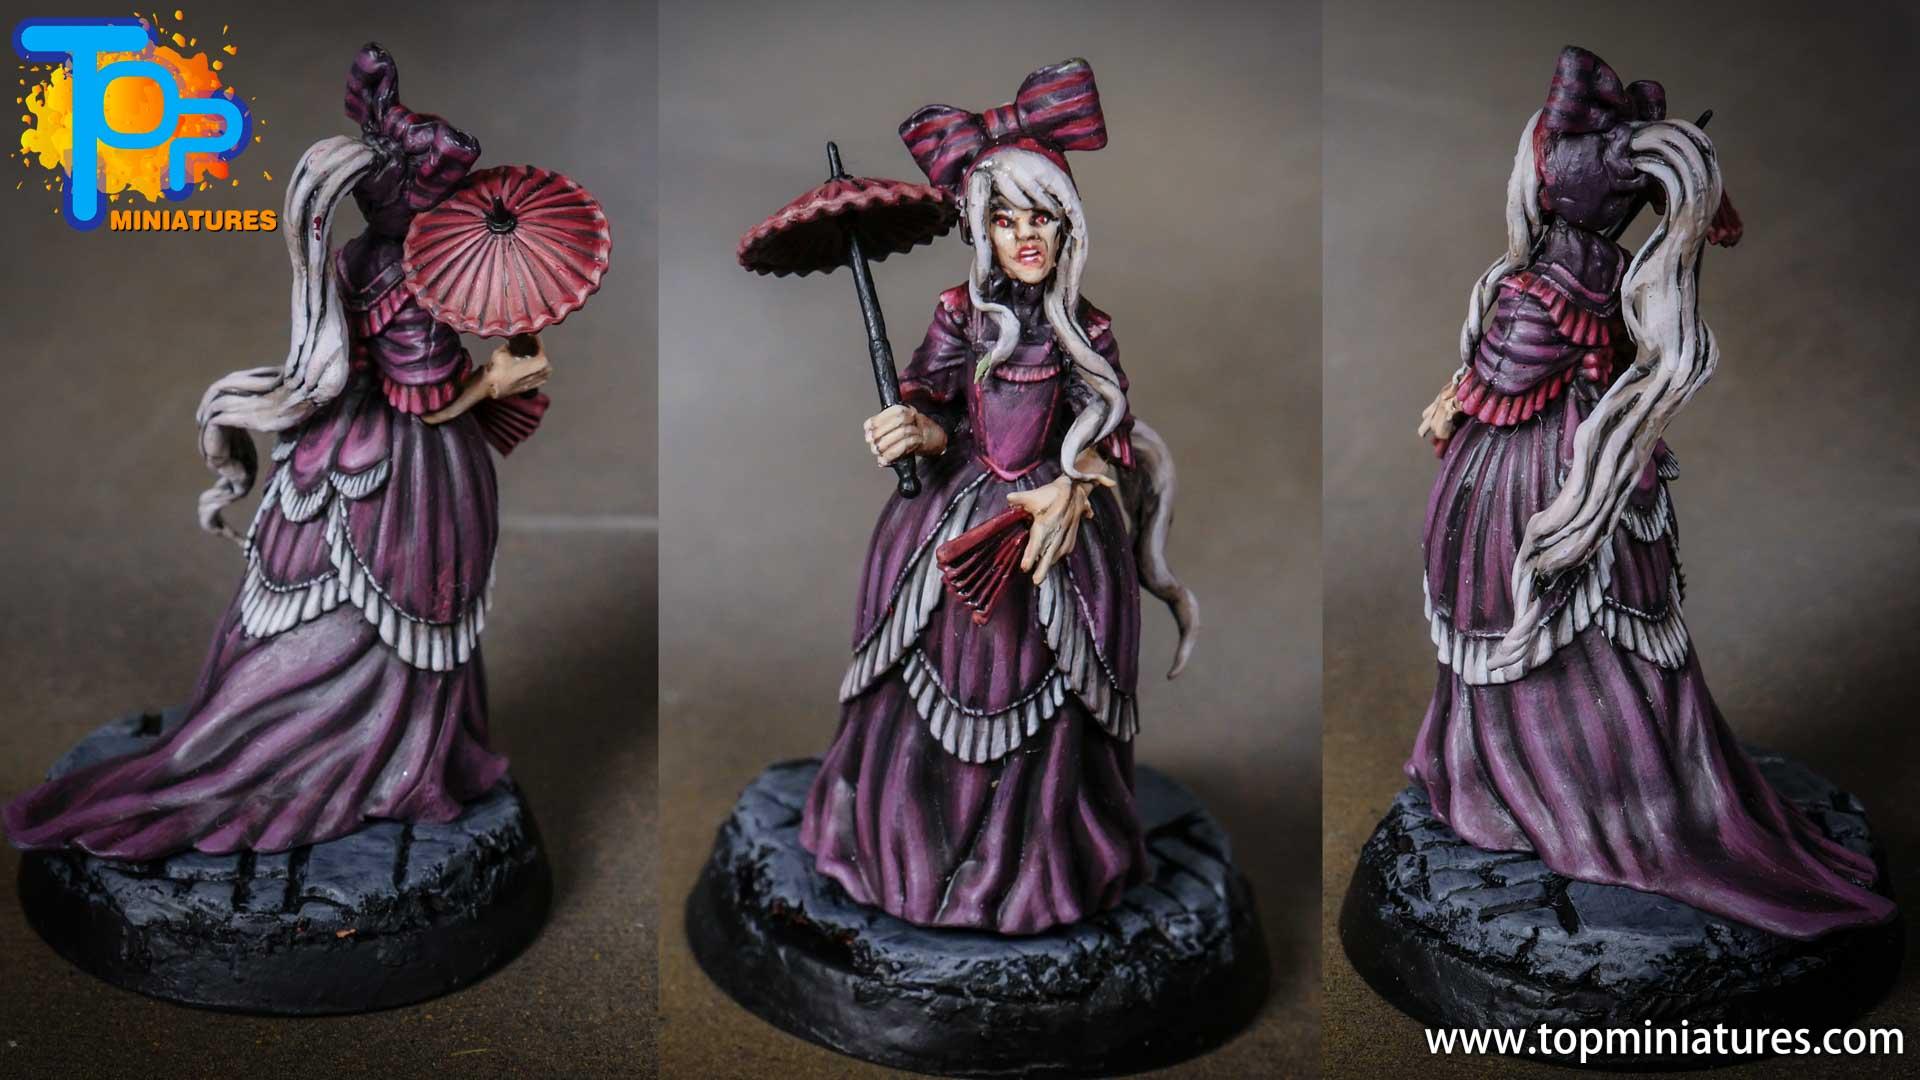 Shalltear bloodfallen overlord miniature conversion